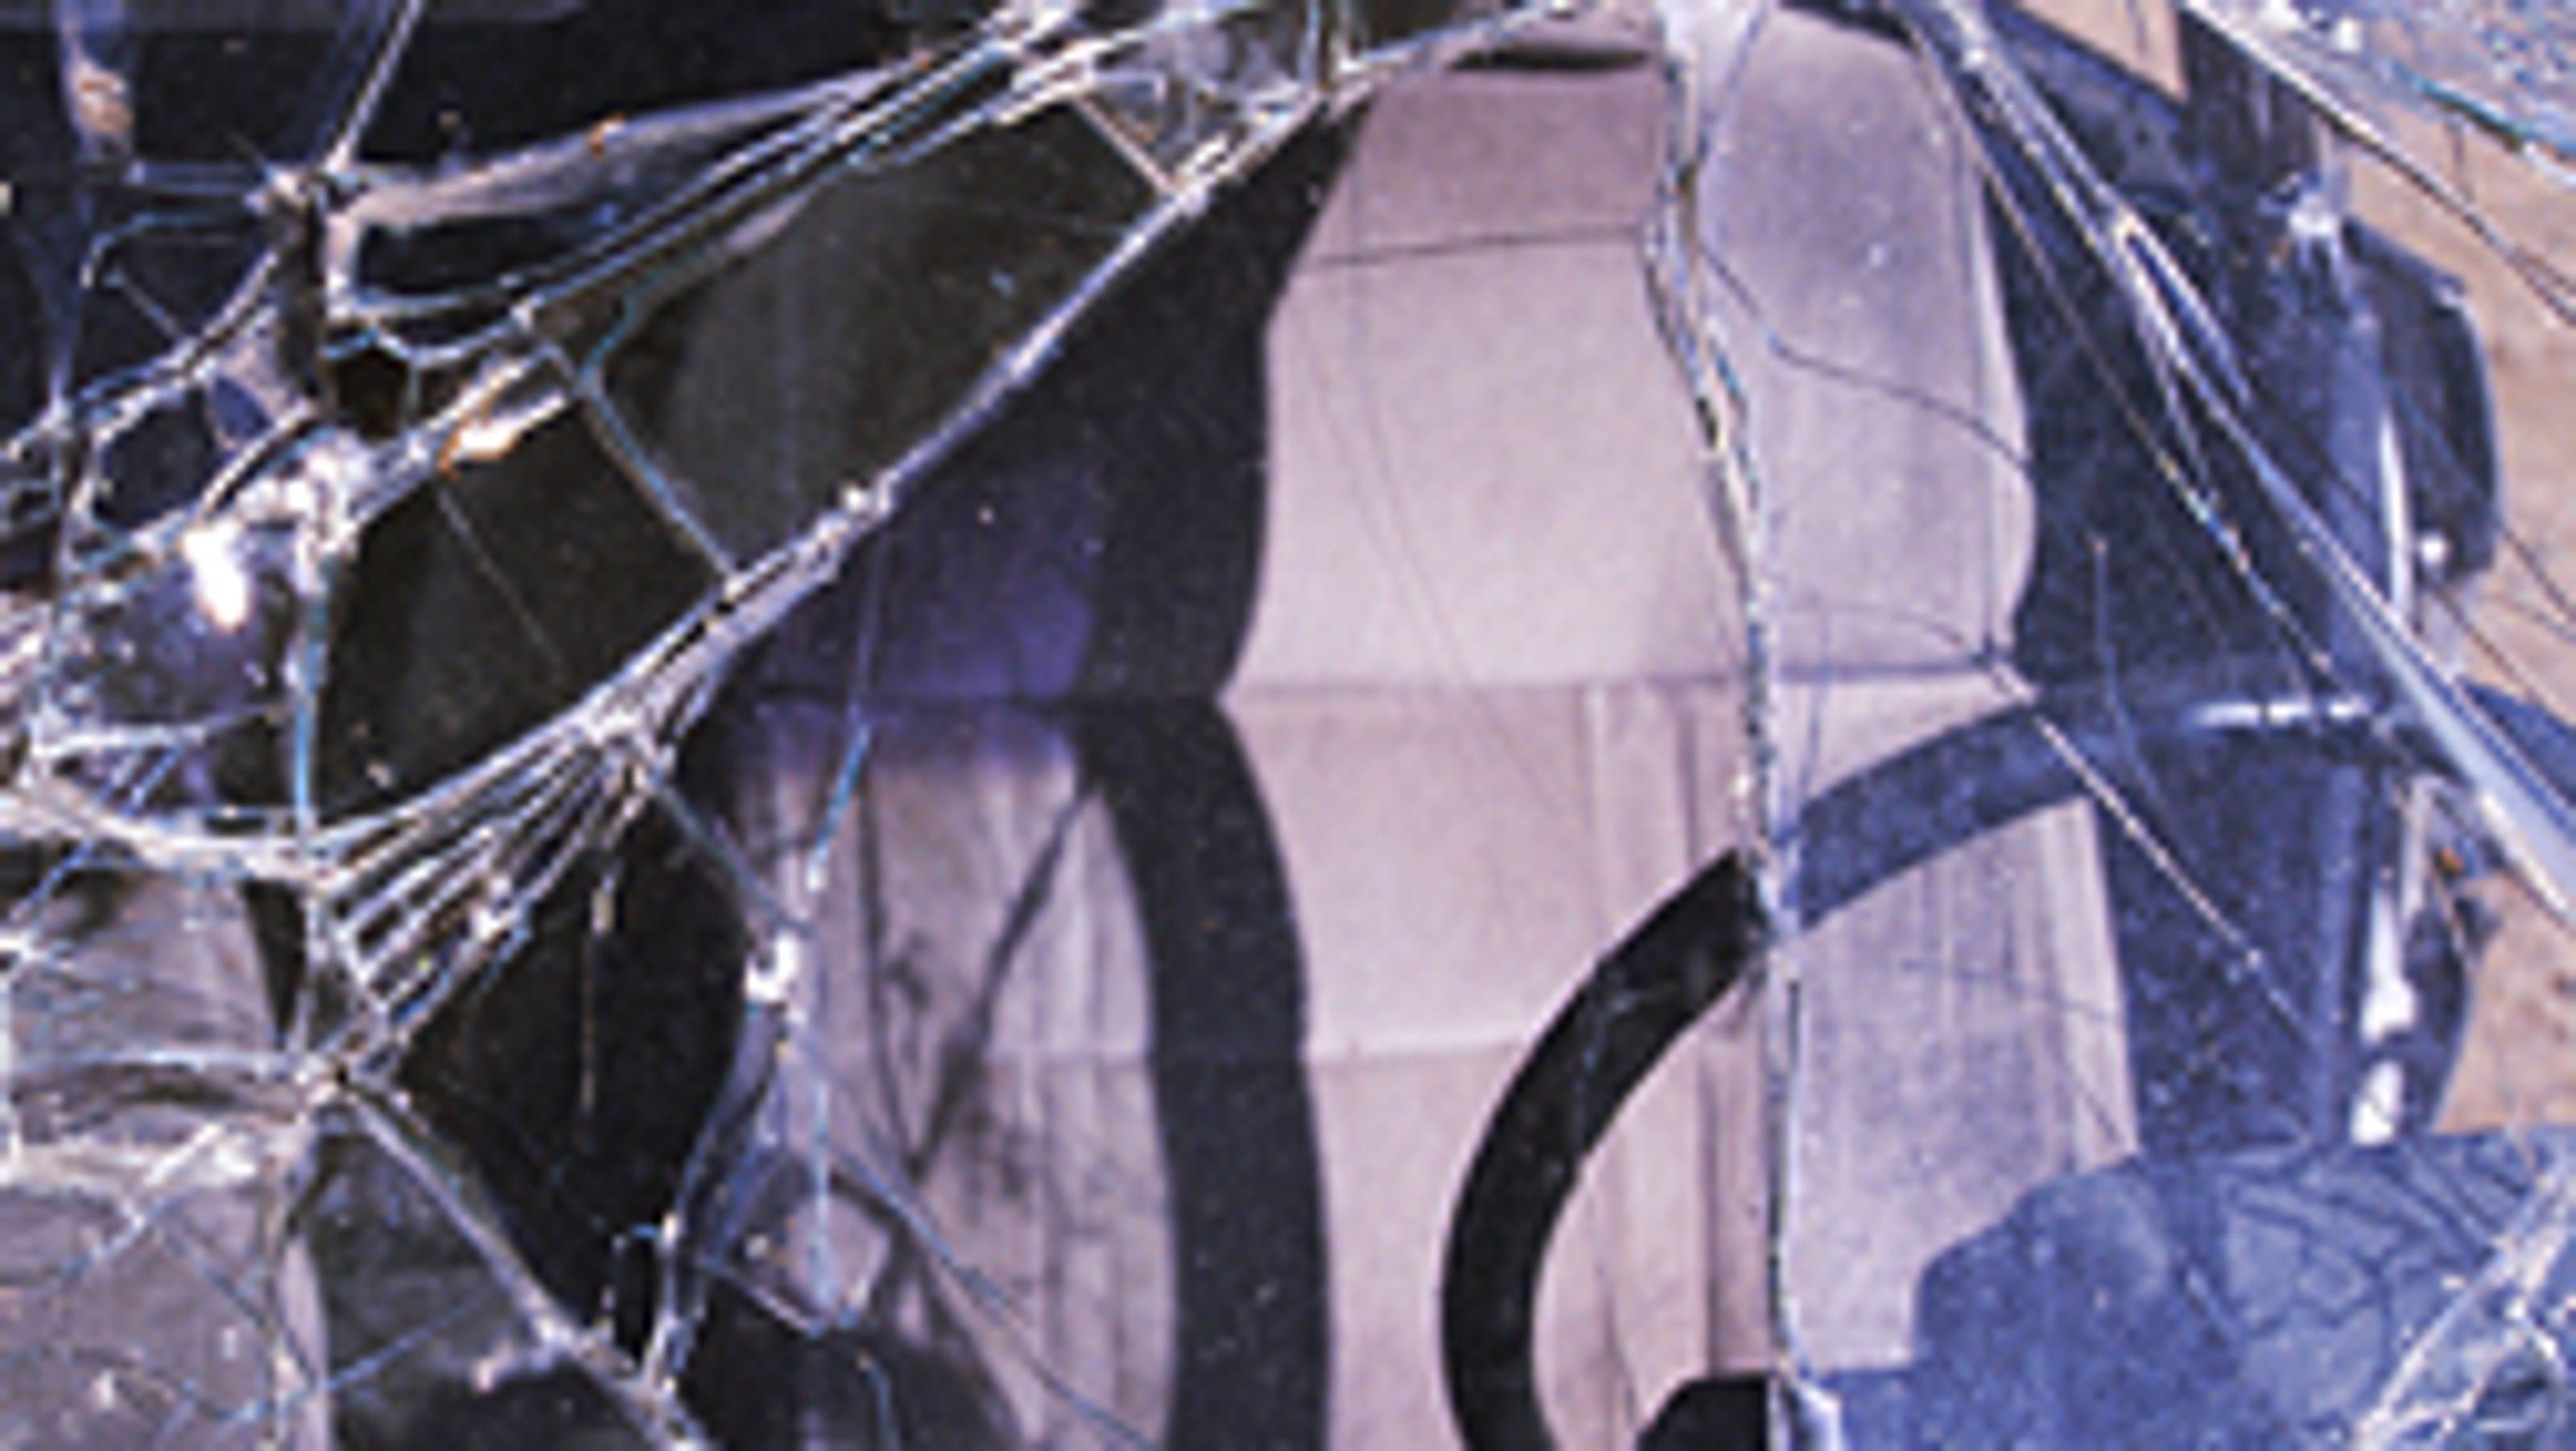 3 Dead In Crash Near Lincoln Tunnel